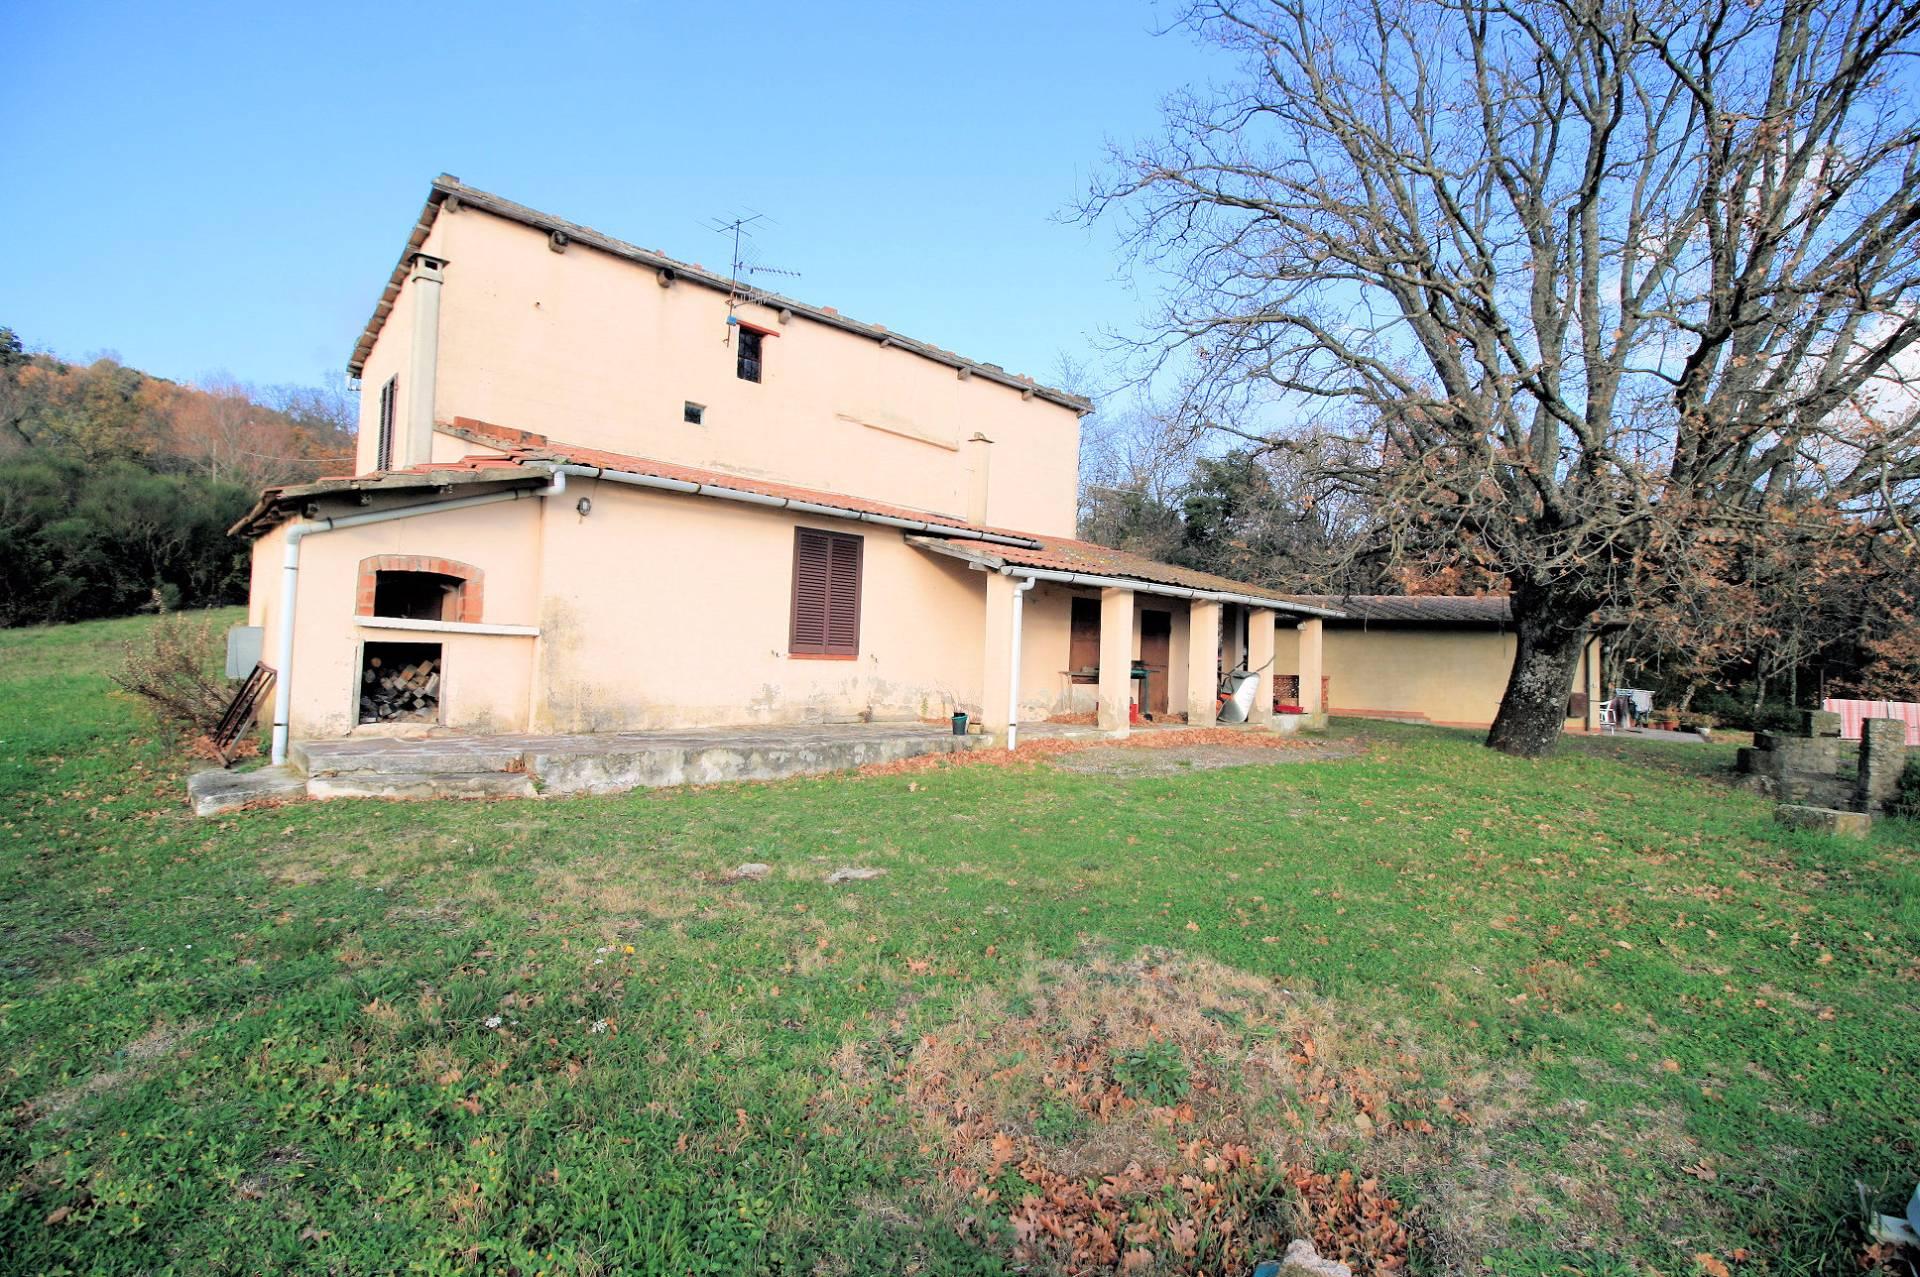 Appartamento in vendita a Roccastrada, 10 locali, zona Zona: Roccatederighi, prezzo € 265.000 | CambioCasa.it